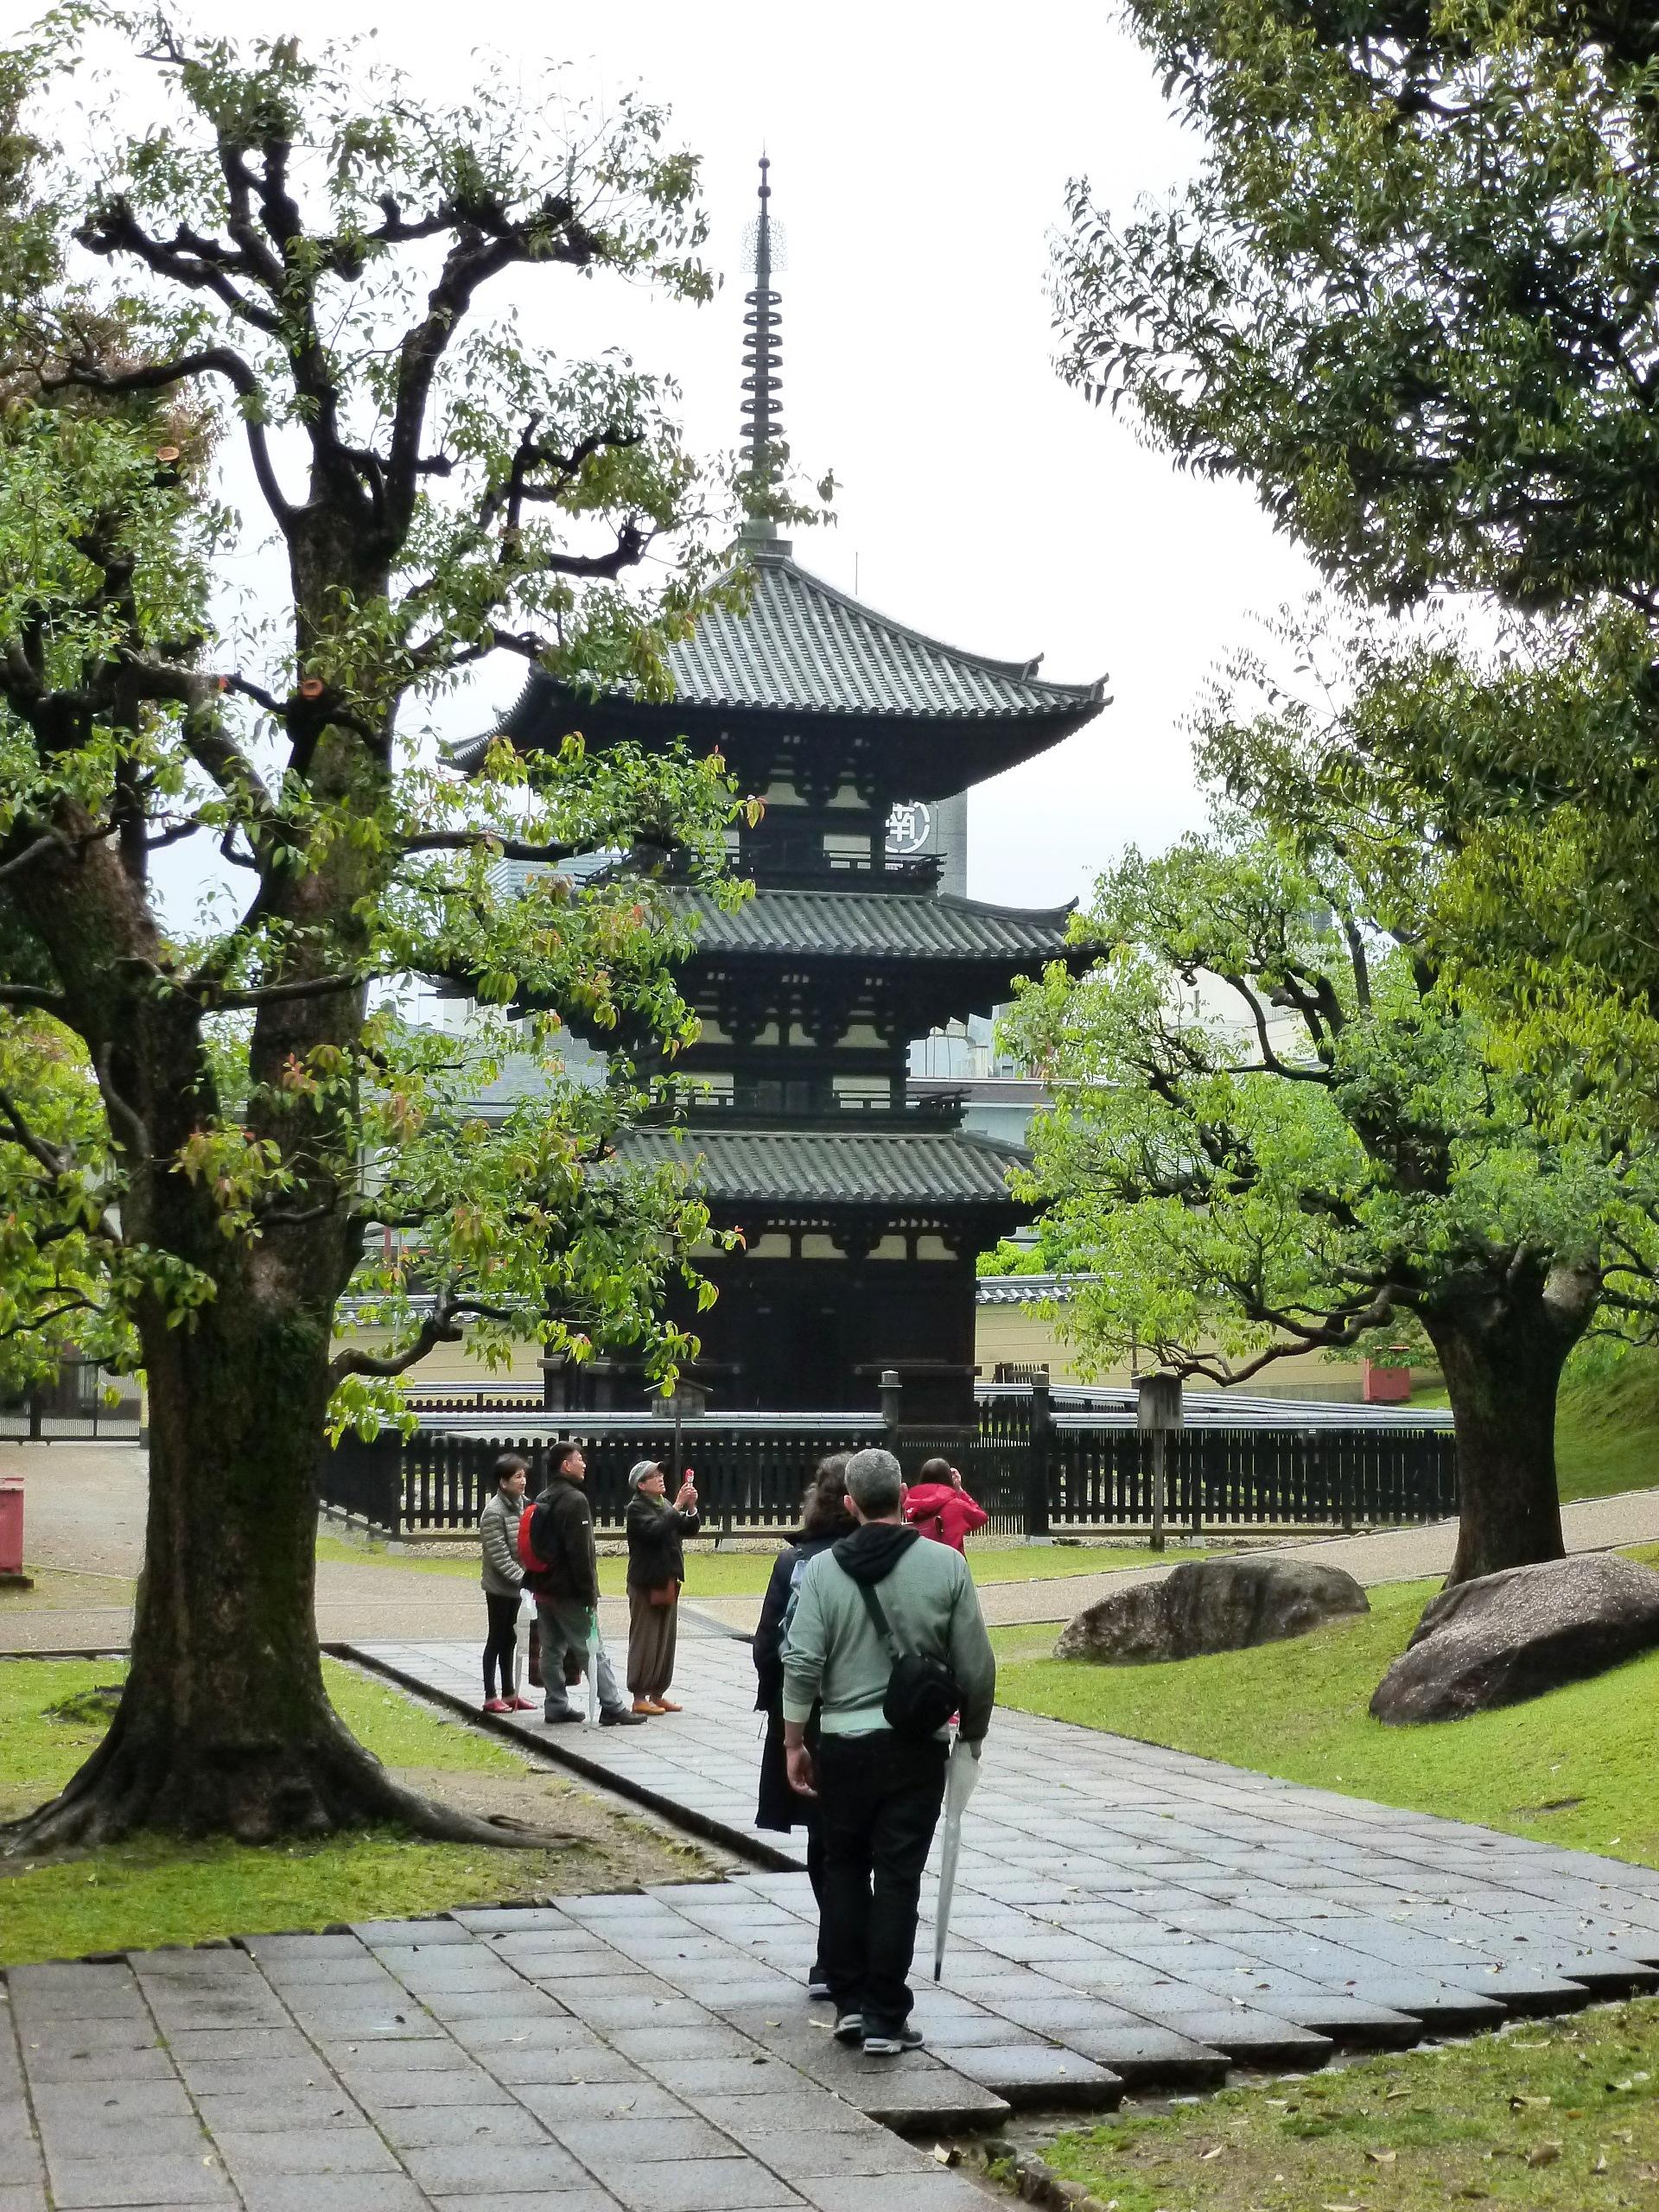 Temple Pagoda, Nara, Japan